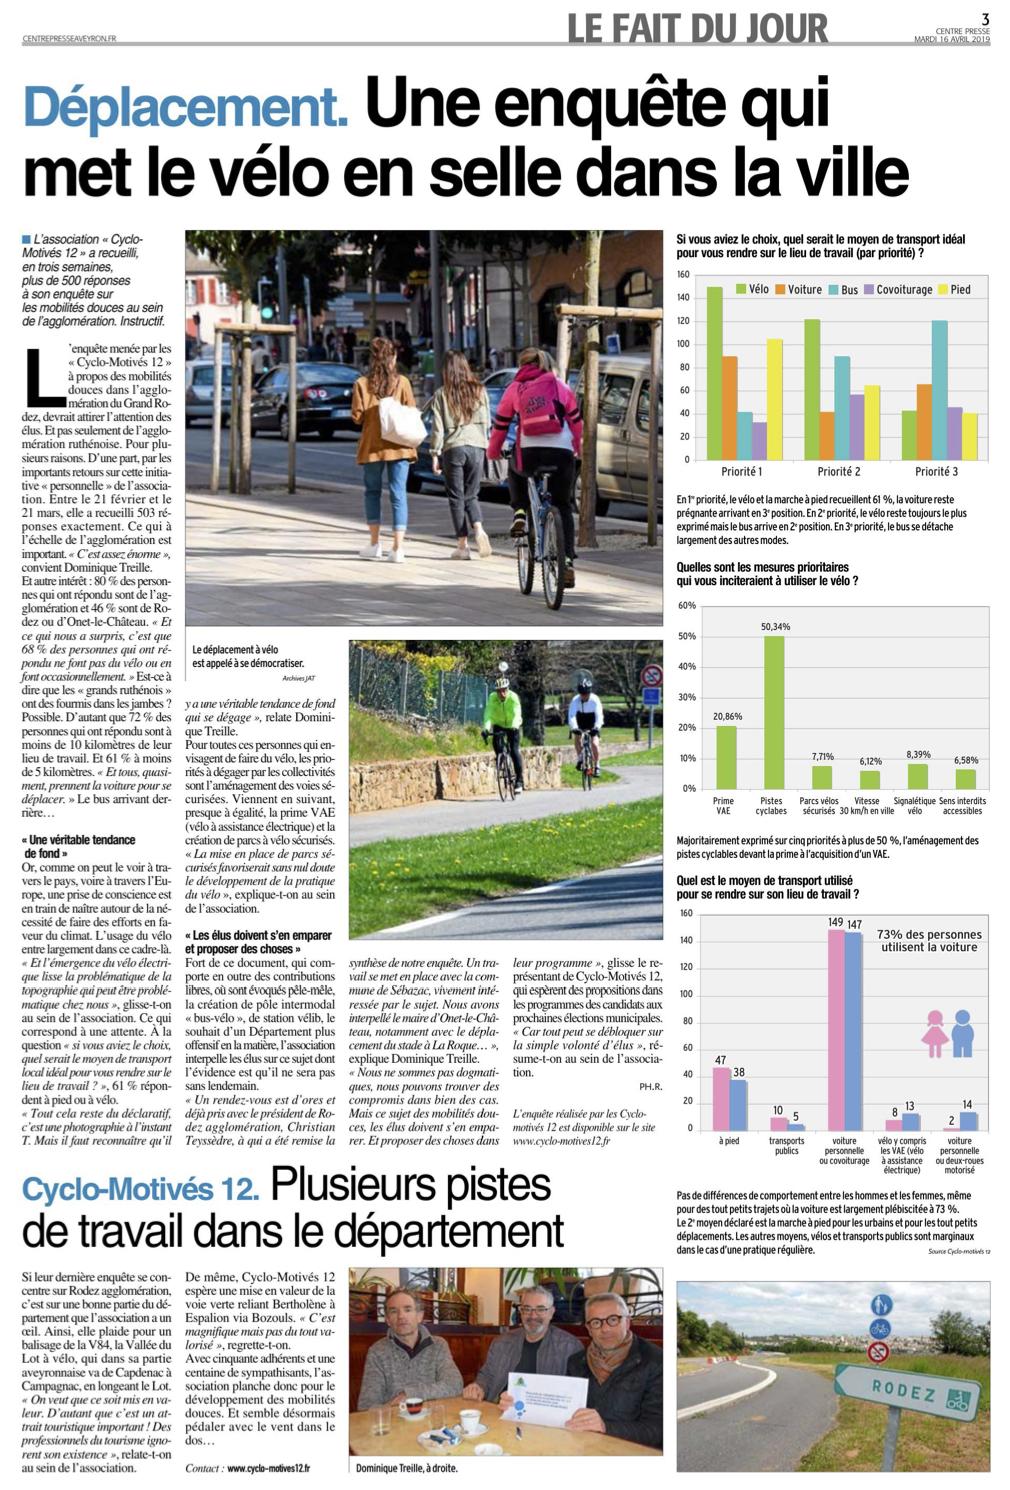 Une enquête qui met le vélo en selle dans la ville